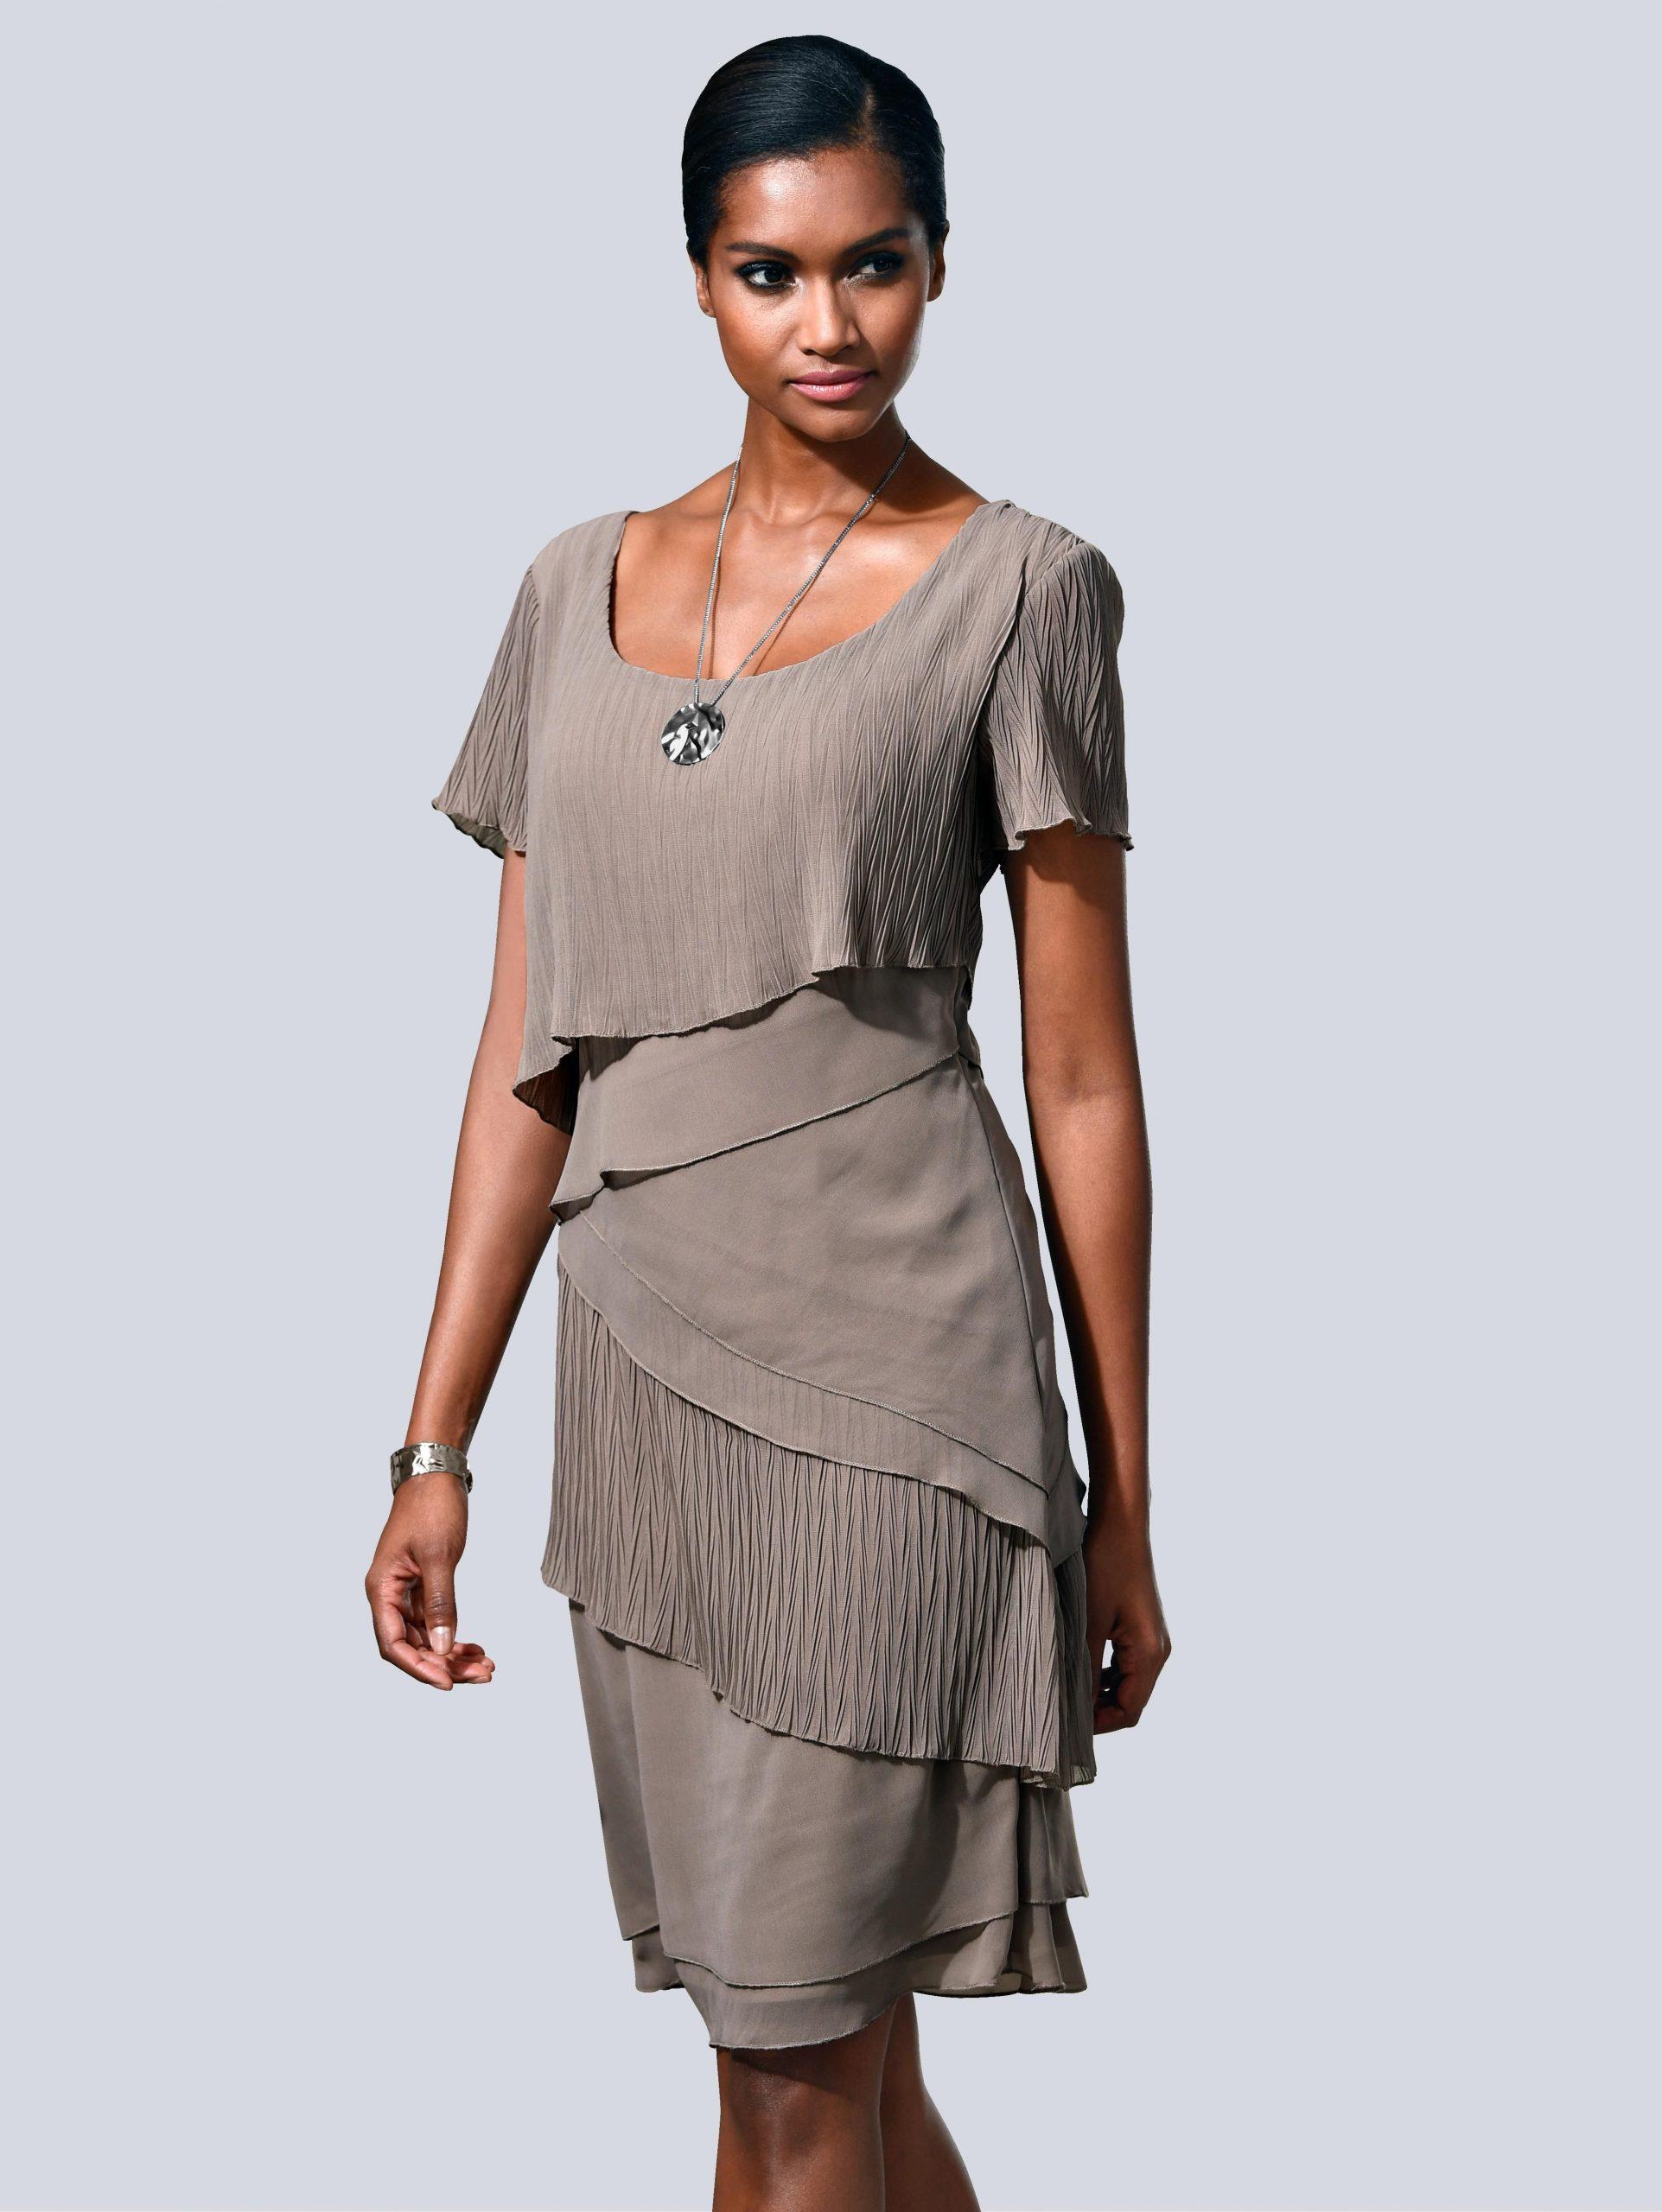 13 Elegant Kleidung Online Kaufen Bester Preis13 Cool Kleidung Online Kaufen Boutique